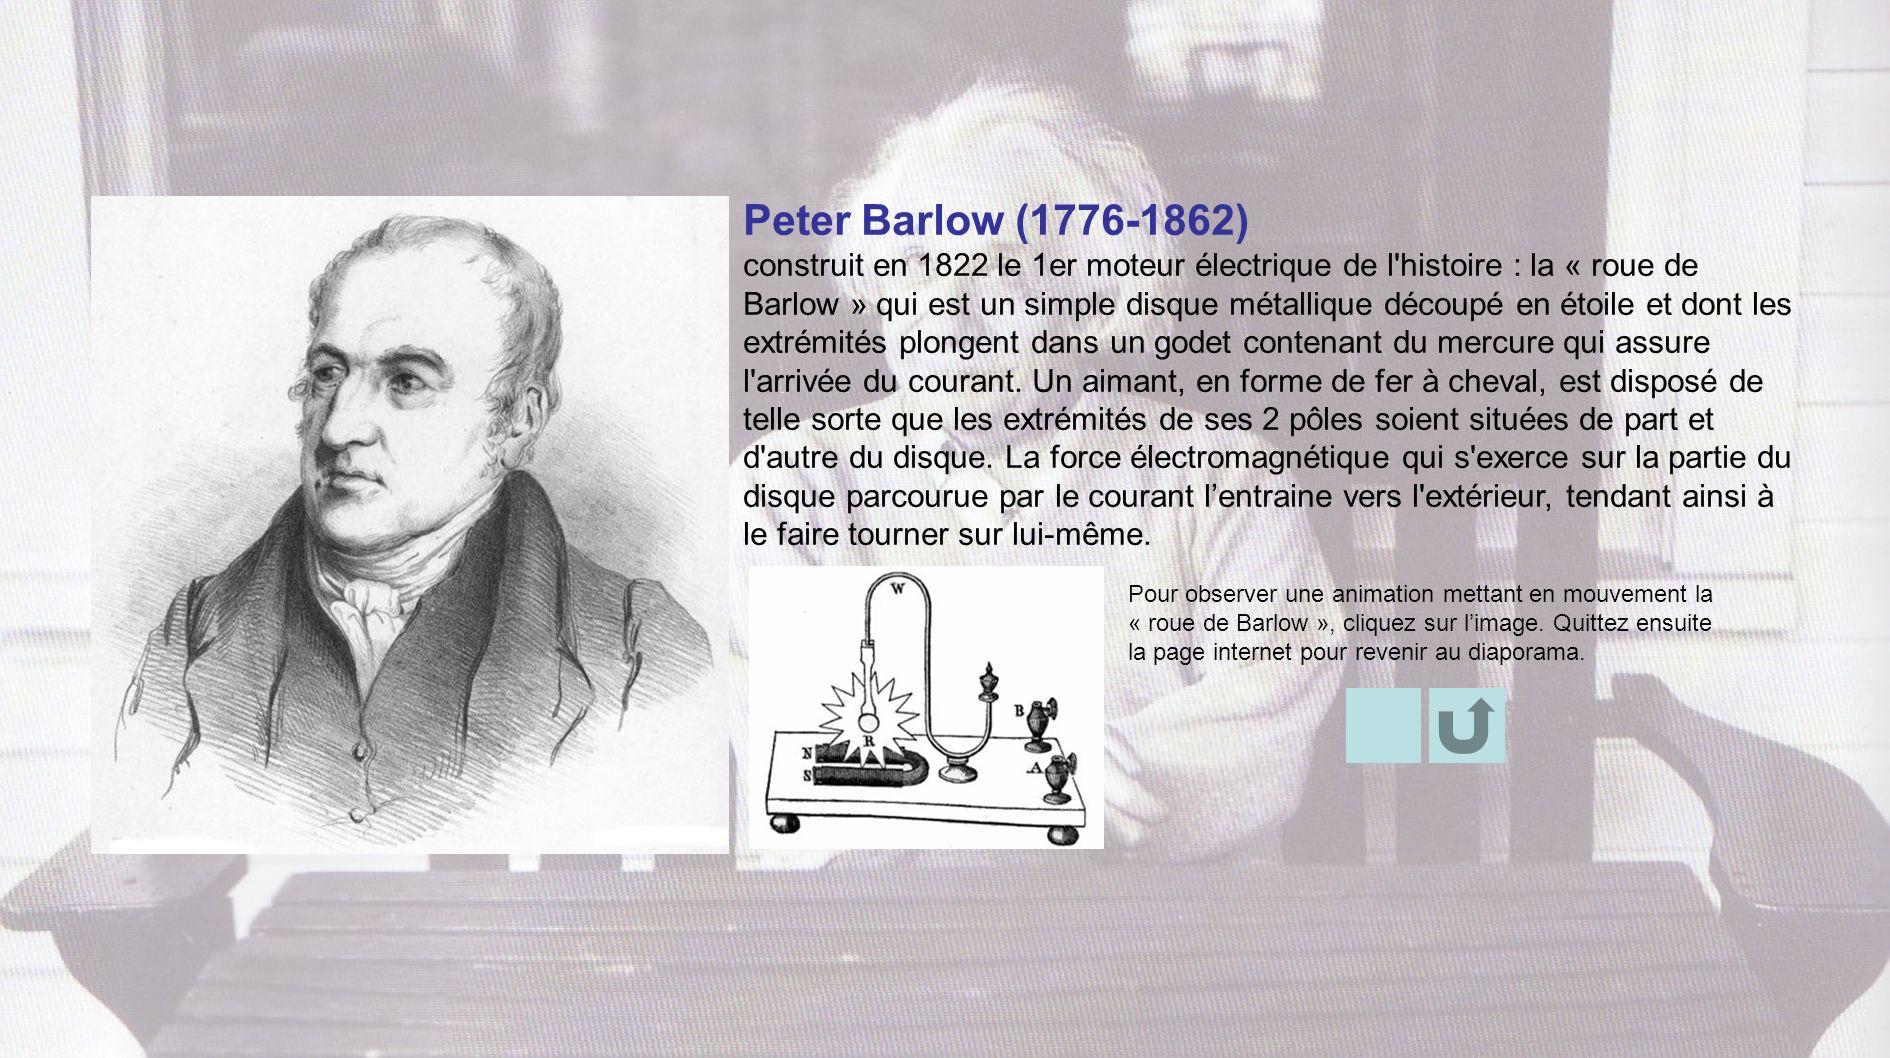 Pour observer une animation mettant en mouvement la « roue de Barlow », cliquez sur limage. Quittez ensuite la page internet pour revenir au diaporama